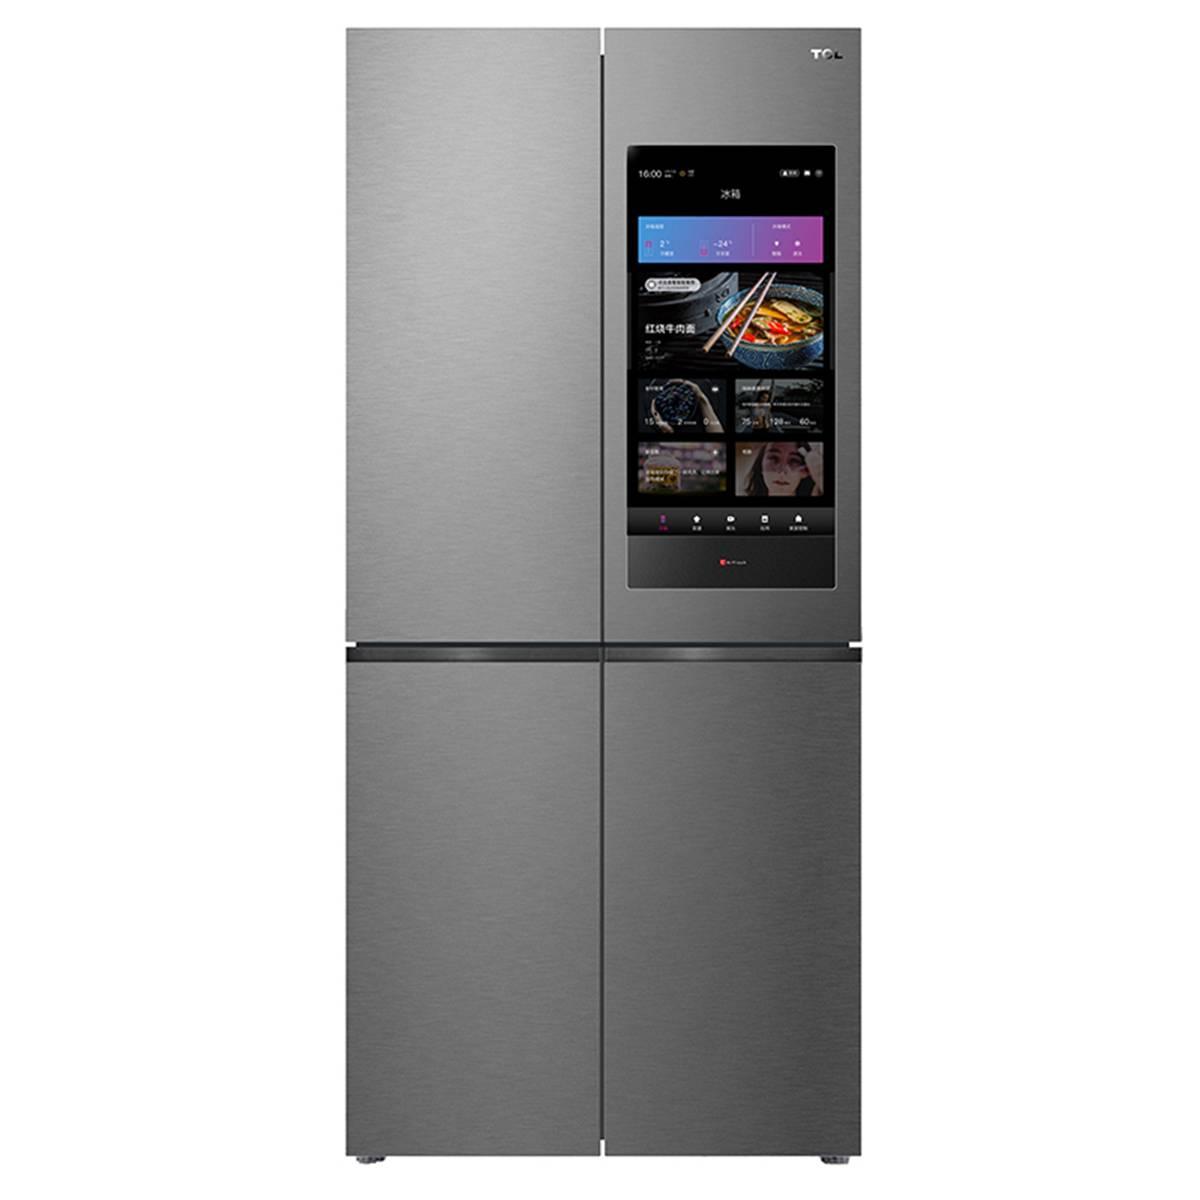 TCL 490C5-U C5大屏急冷式冰箱